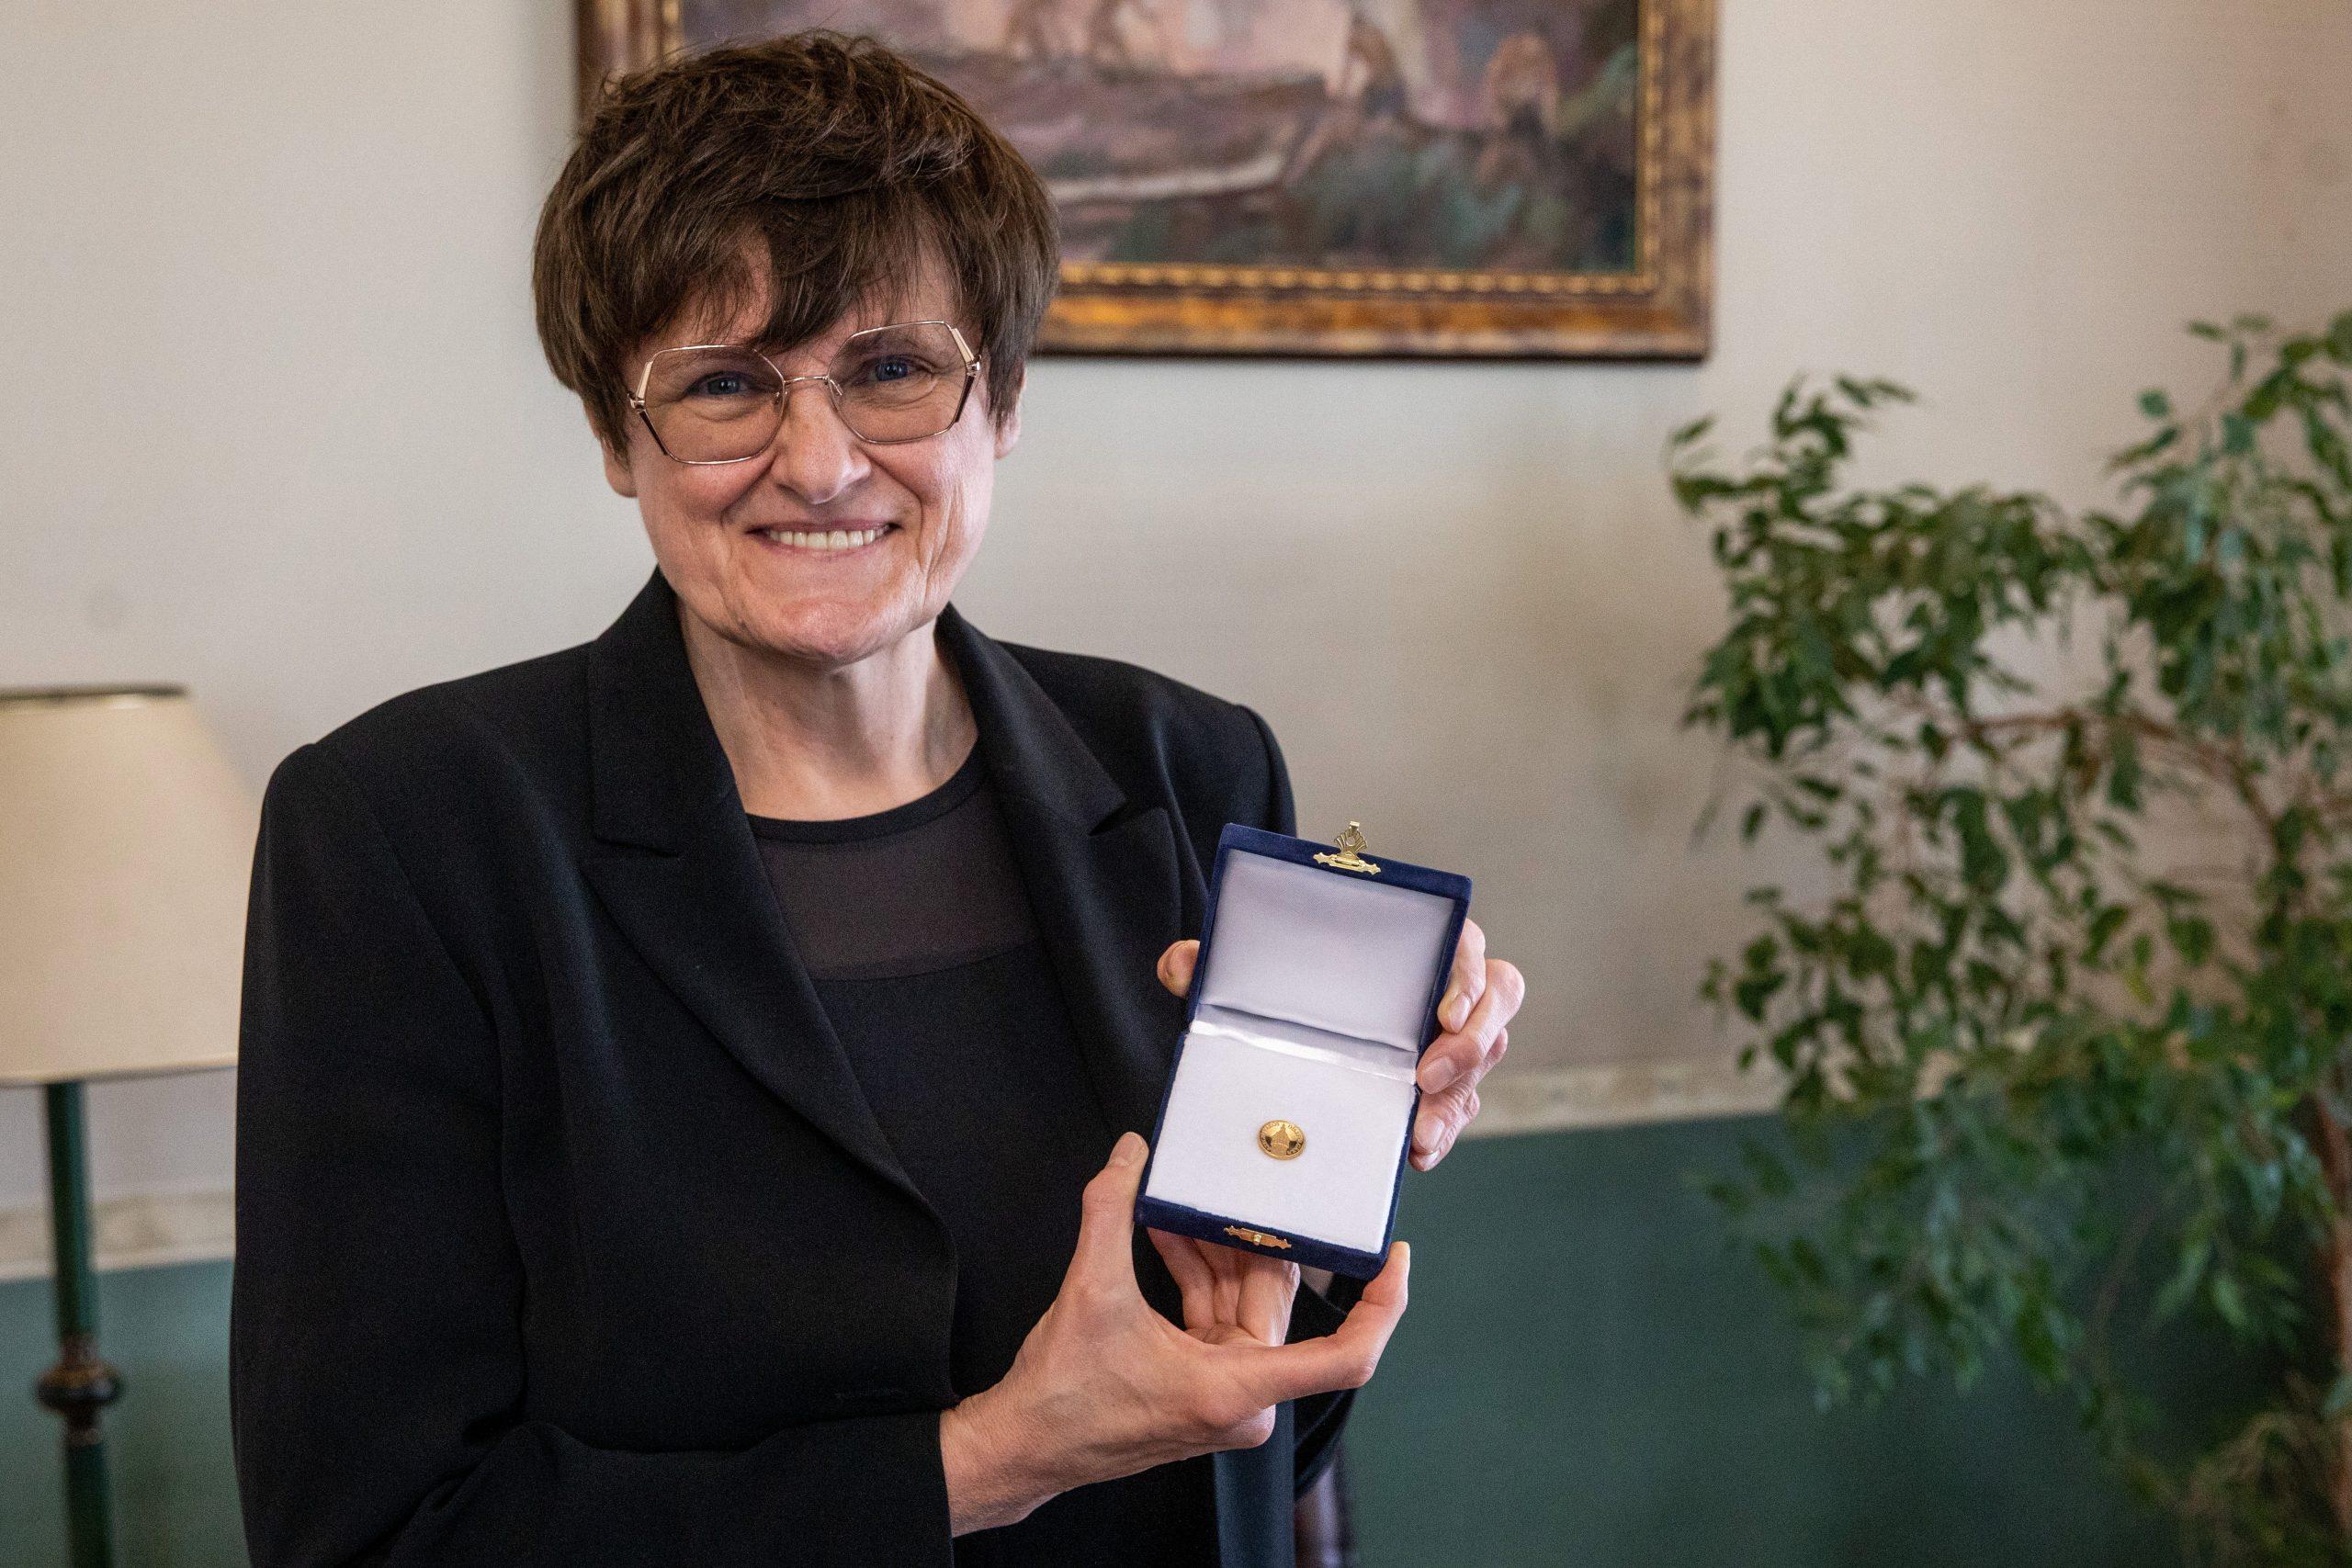 Biochemikerin Katalin Karikó ist Ehrenbürgerin von Szeged